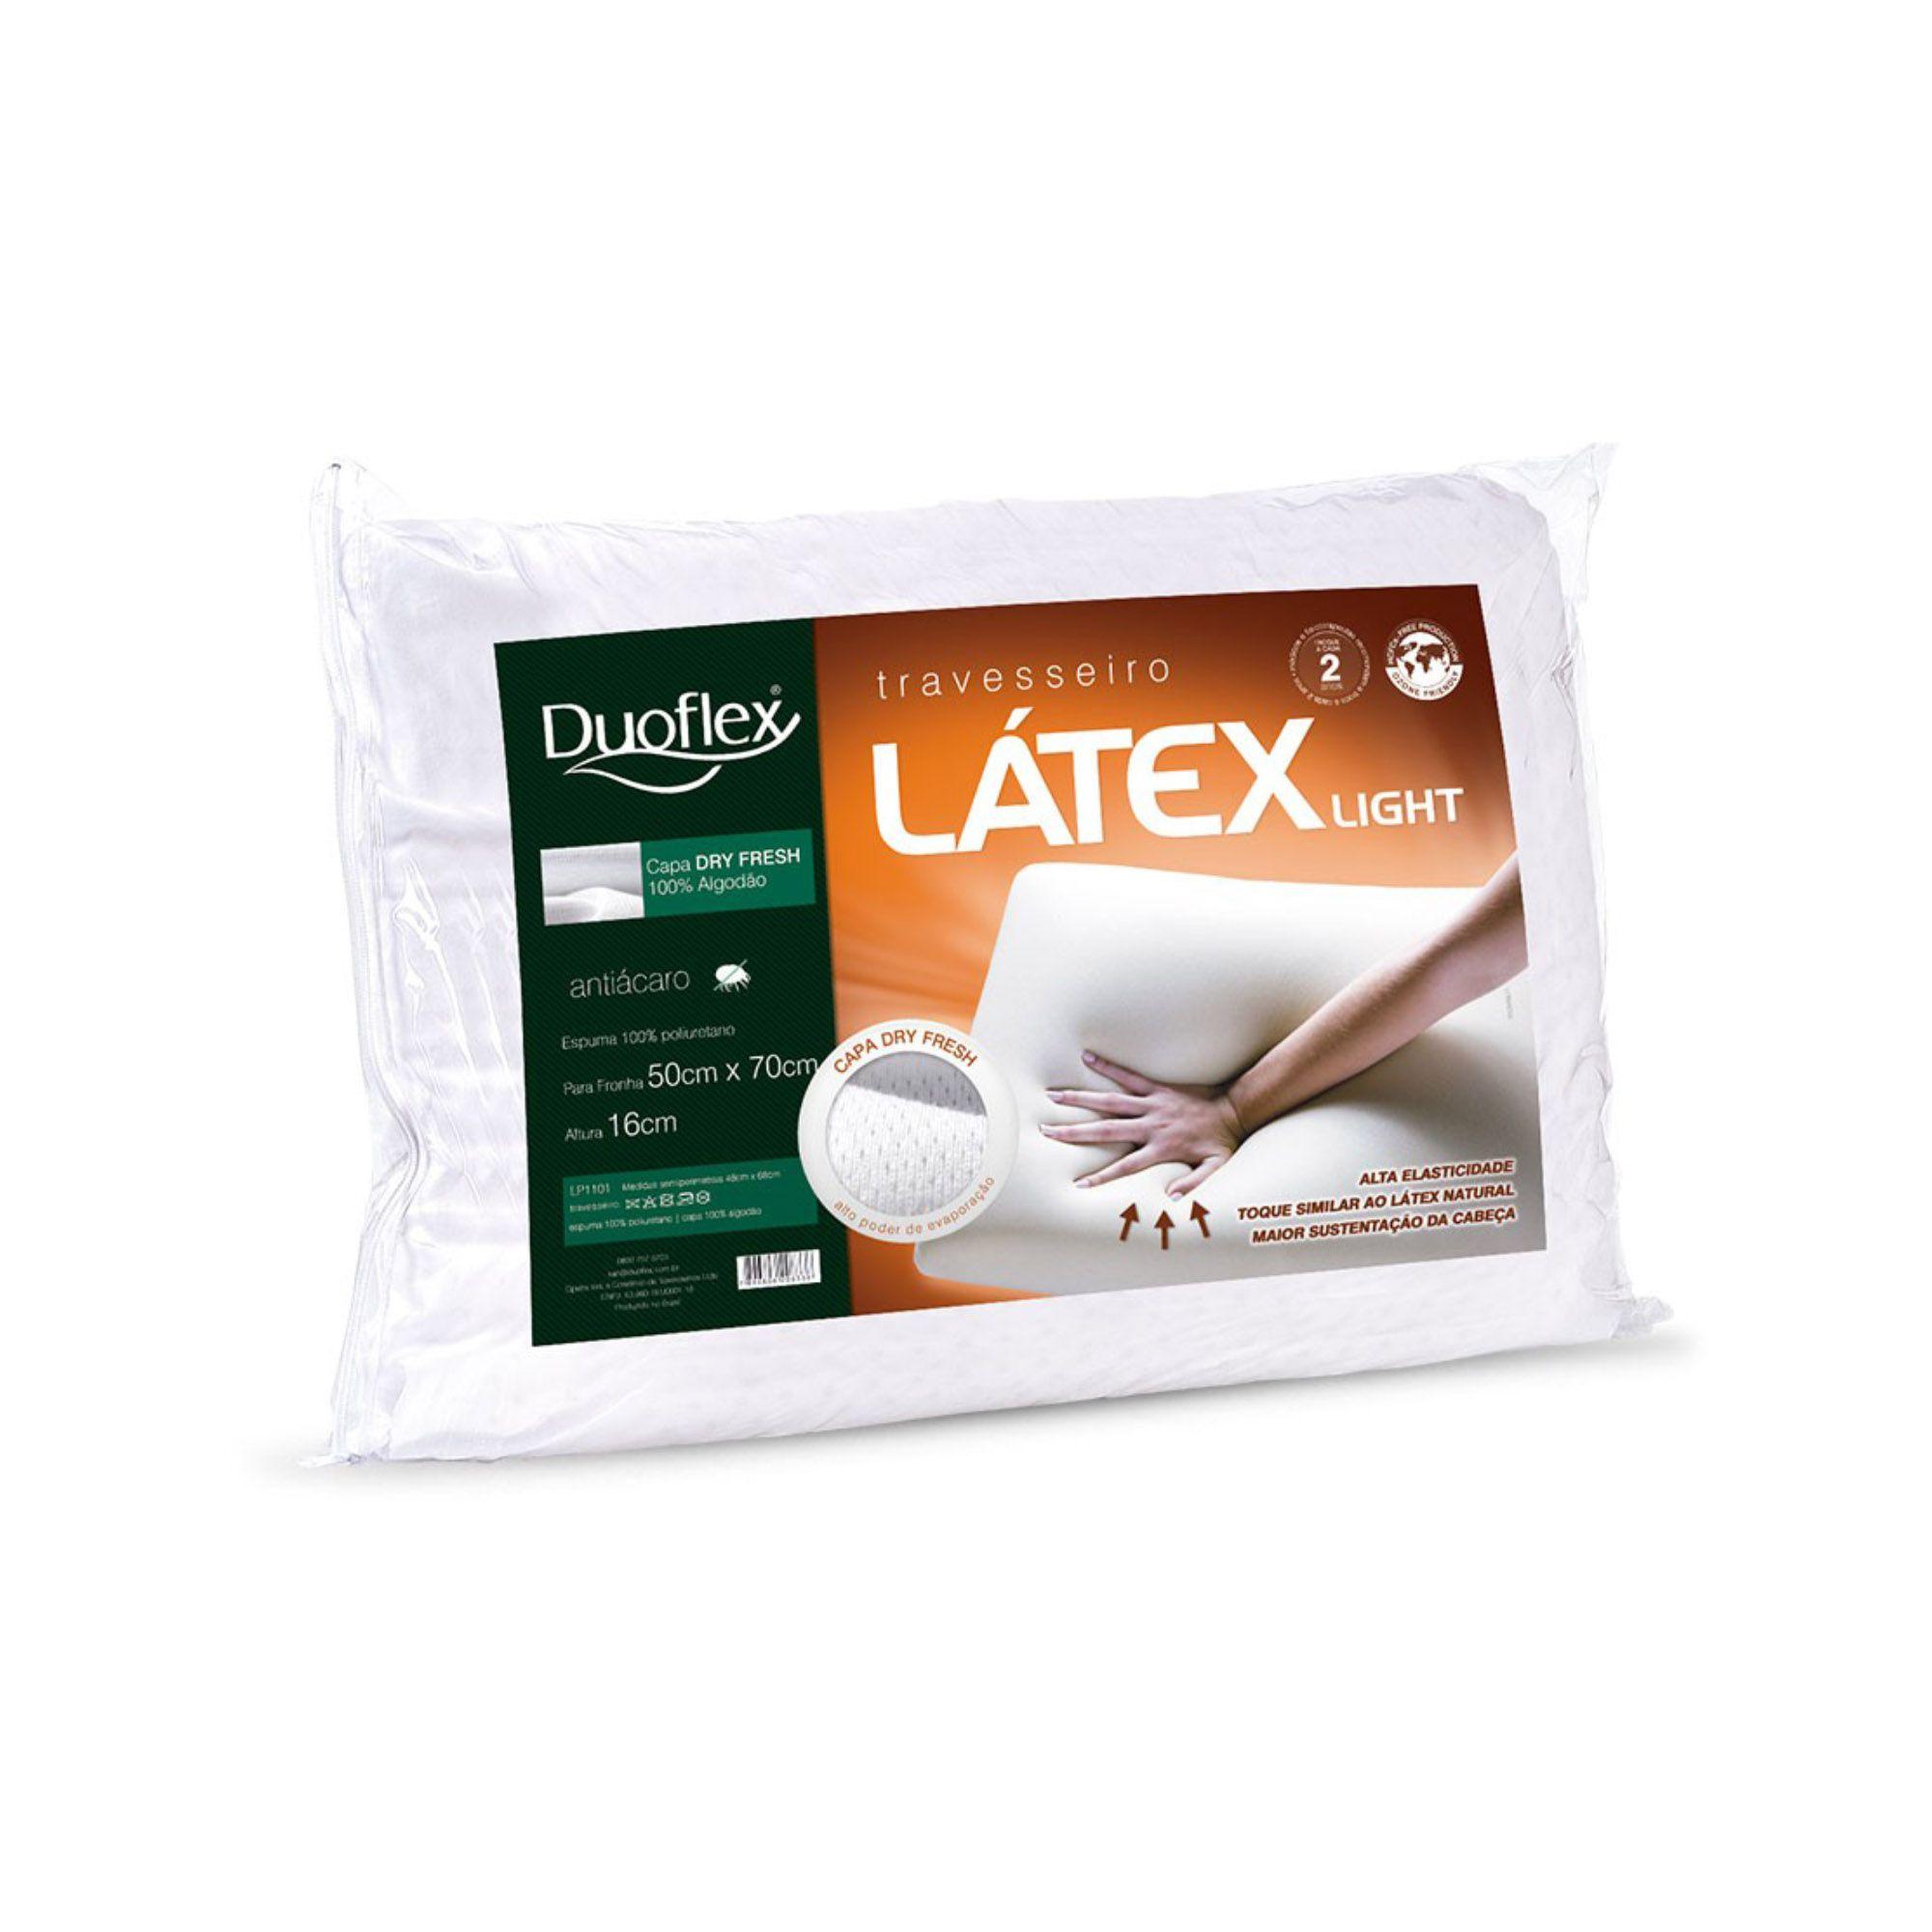 Travesseiro Duoflex Látex Light, Intermediário, 050 x 070 x 016 cm